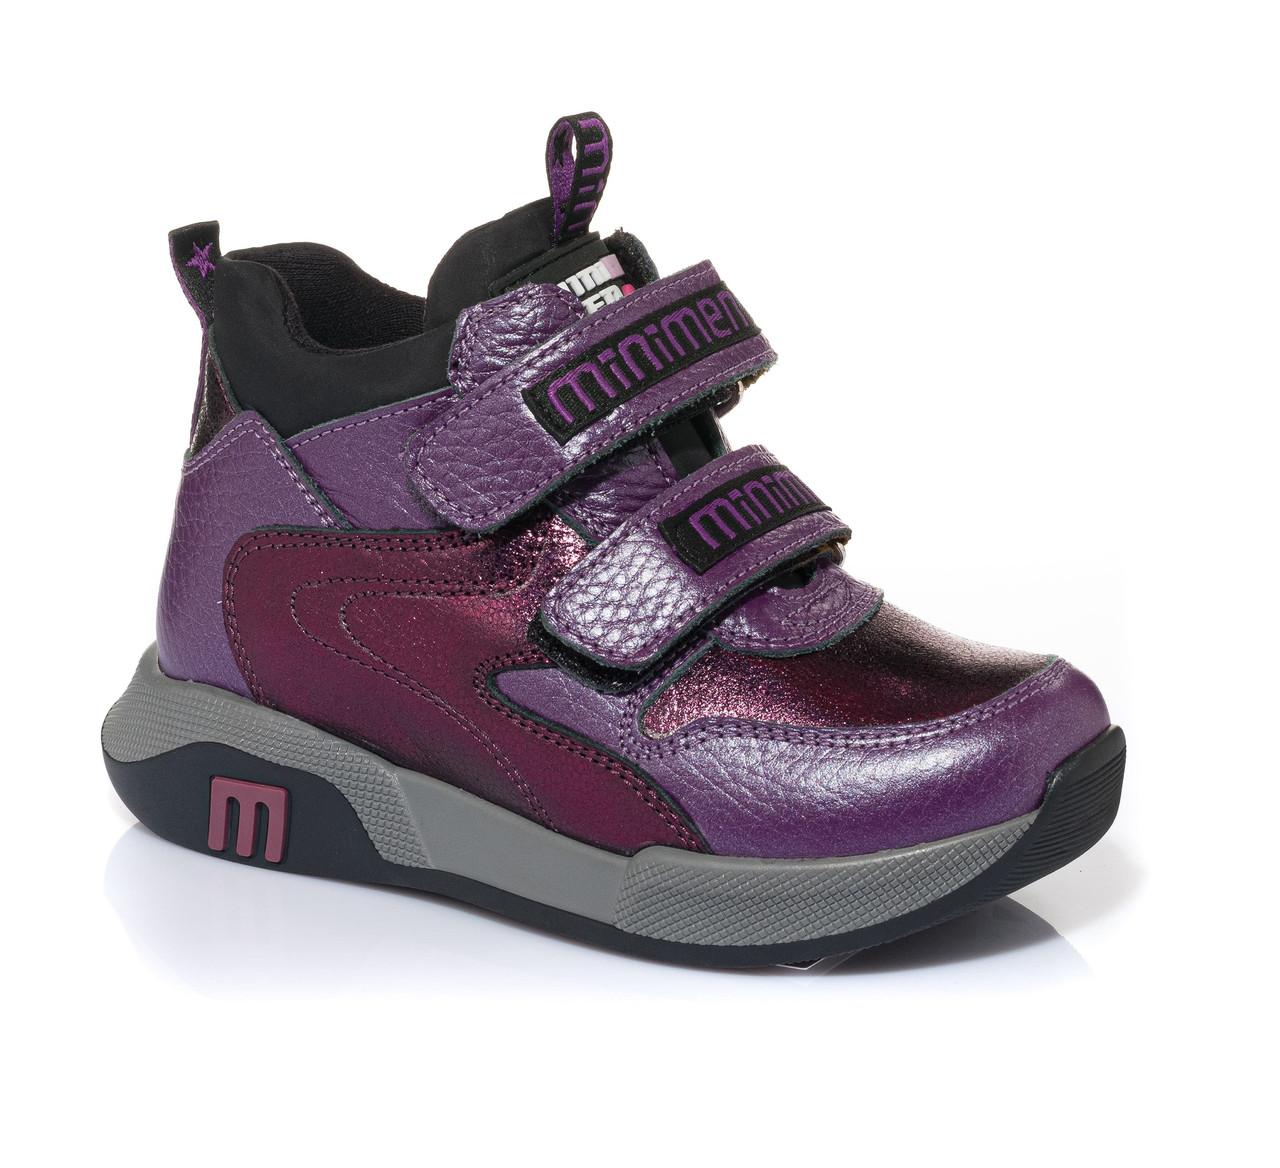 Демисезонные ботинки (черевики) для девочек МИНИМЕН (Minimen) 23,24,25 размер